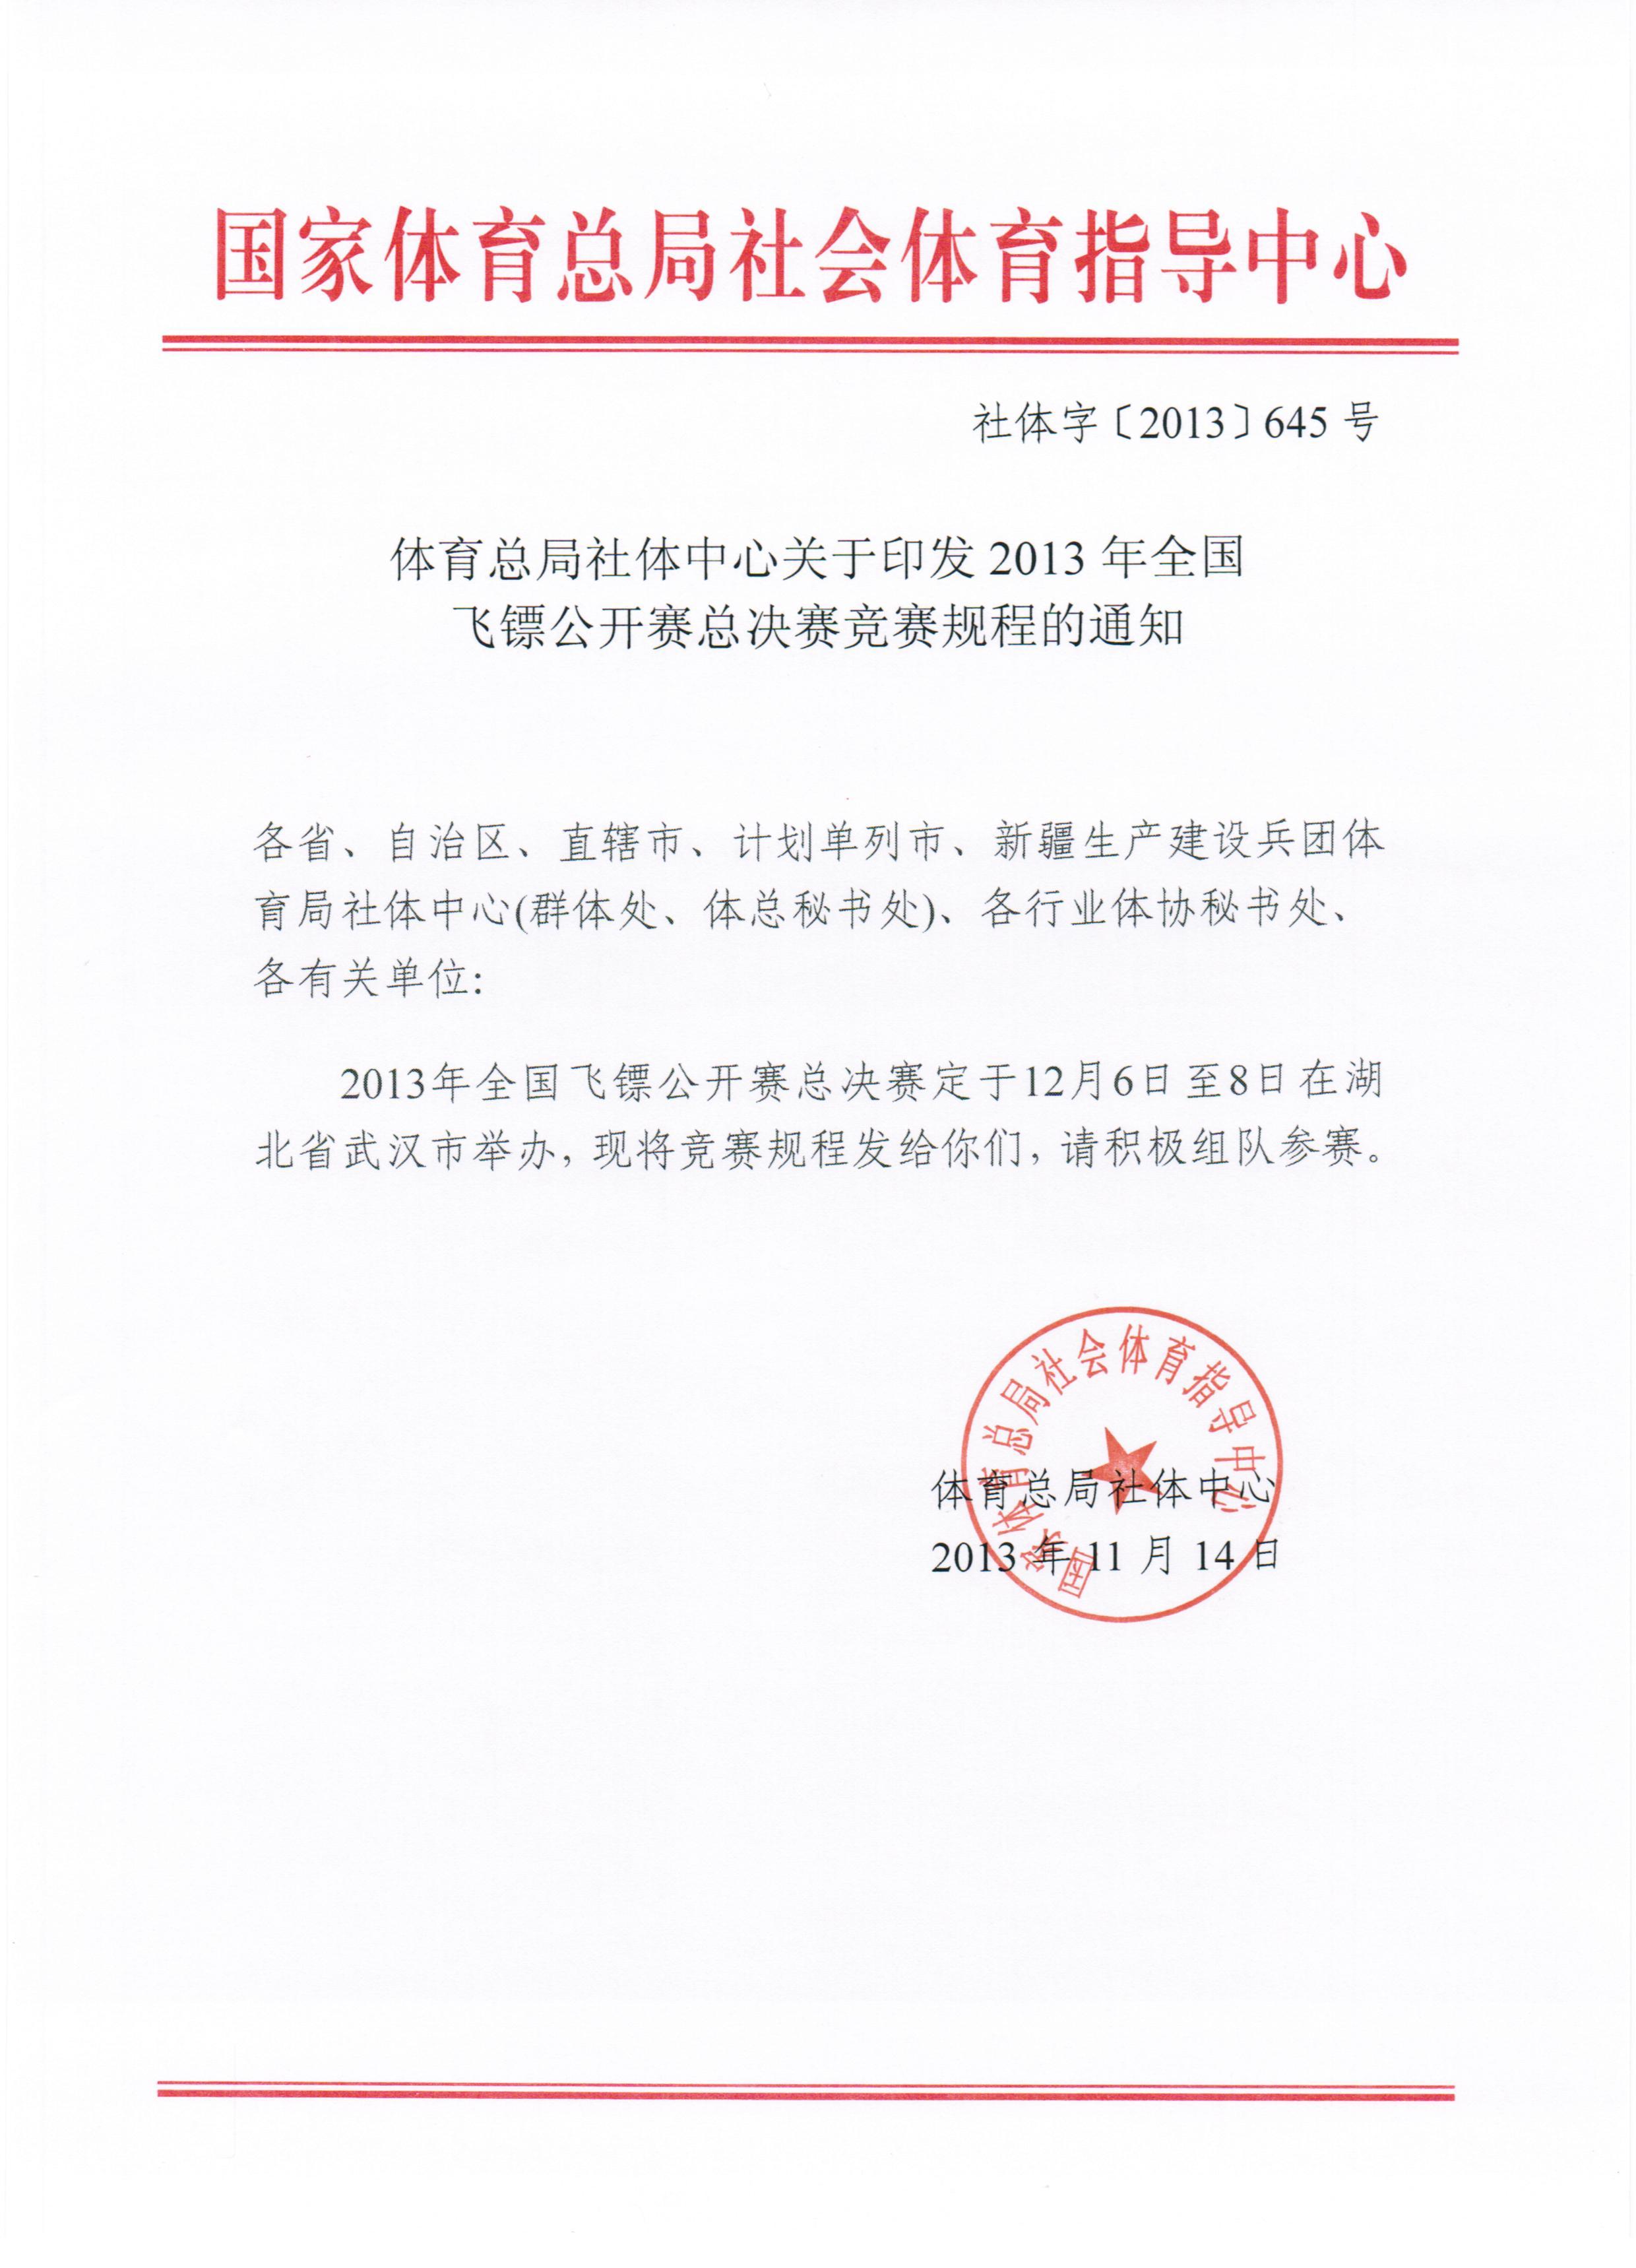 2013年PDC世界职业硬式飞镖锦标赛选拔赛竞赛规程